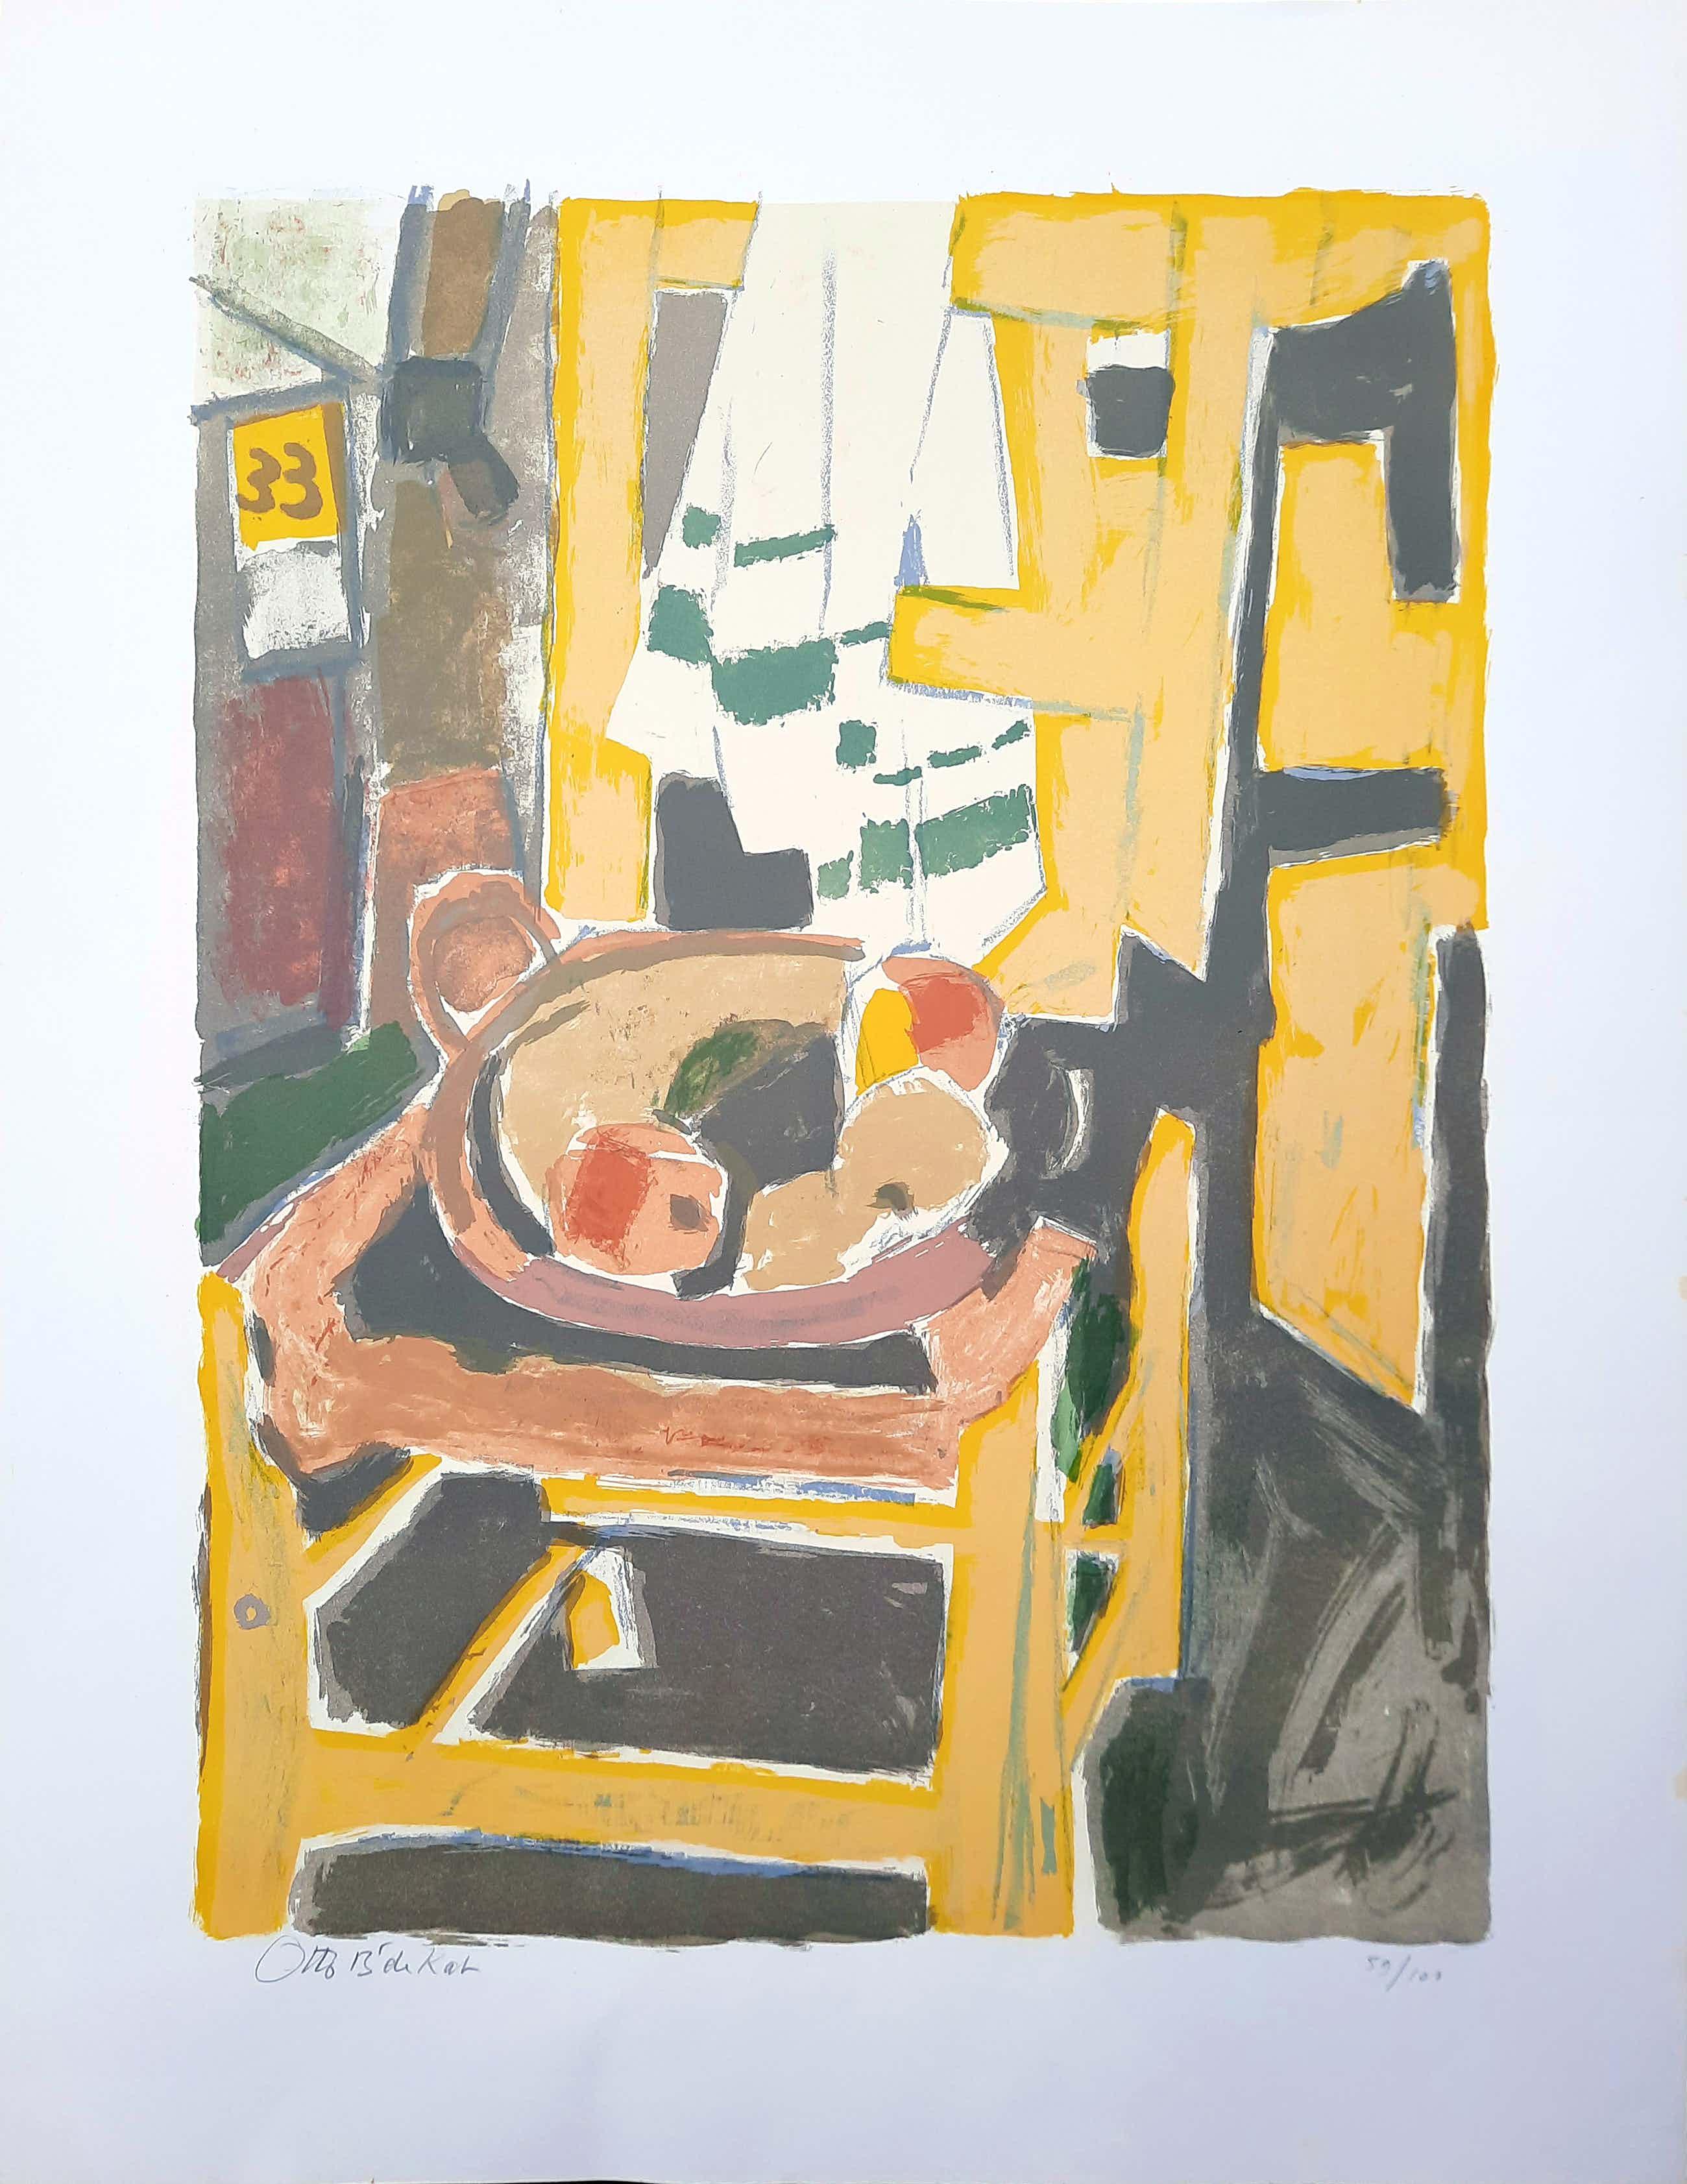 Otto B. de Kat - steendruk - Het gele stoeltje 59/101 - 21527 kopen? Bied vanaf 150!